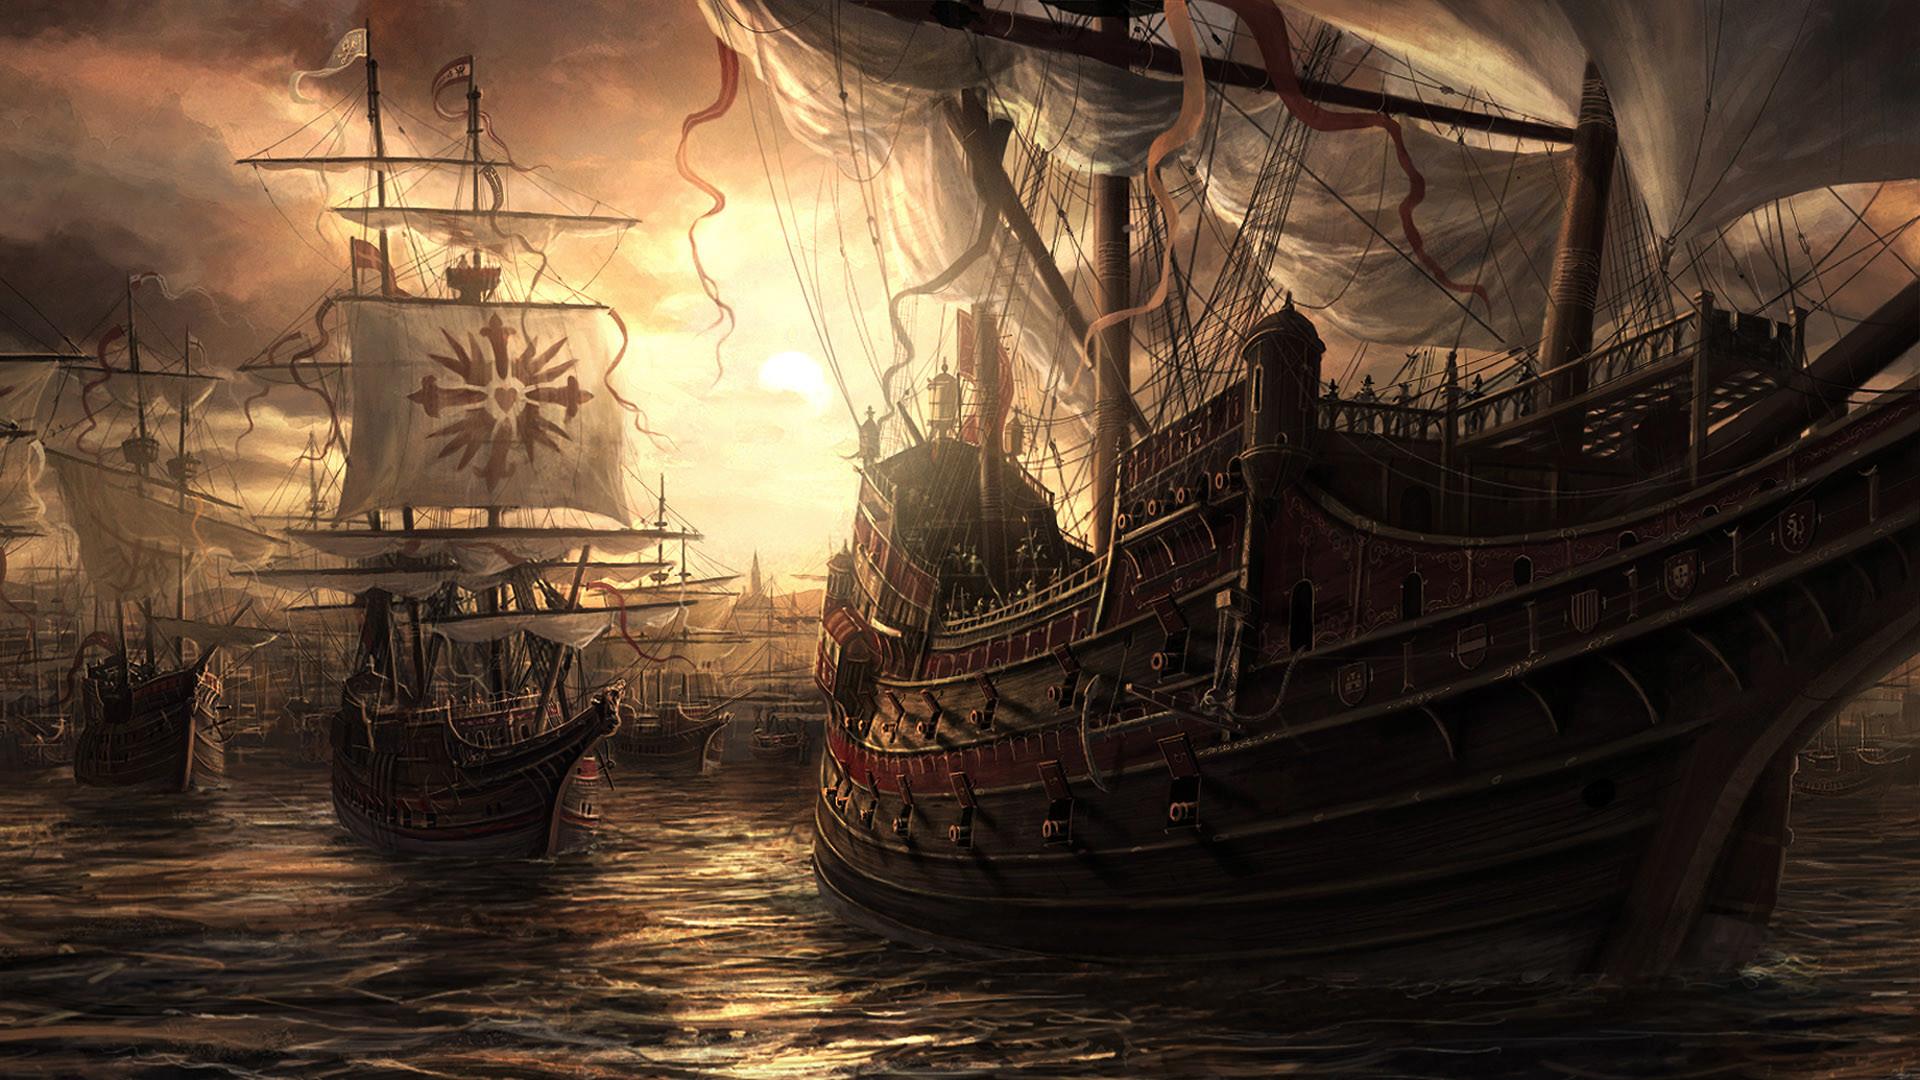 Old Sailing Ships wallpaper